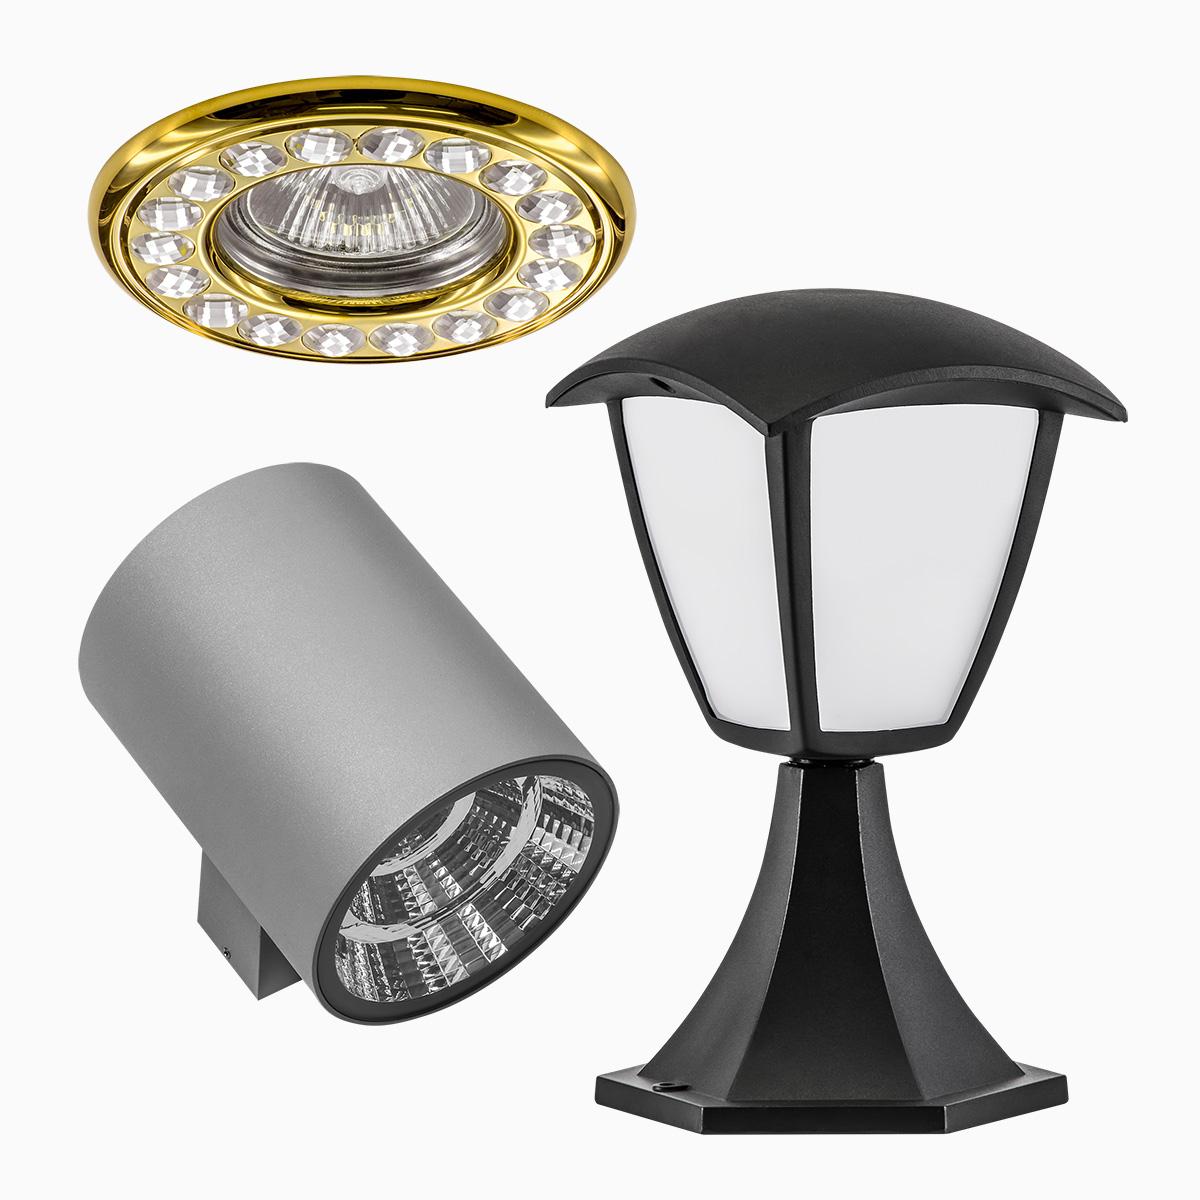 Светильники купить в СПб, с доставкой, в интернет-магазине, Starlight люстры и светильники